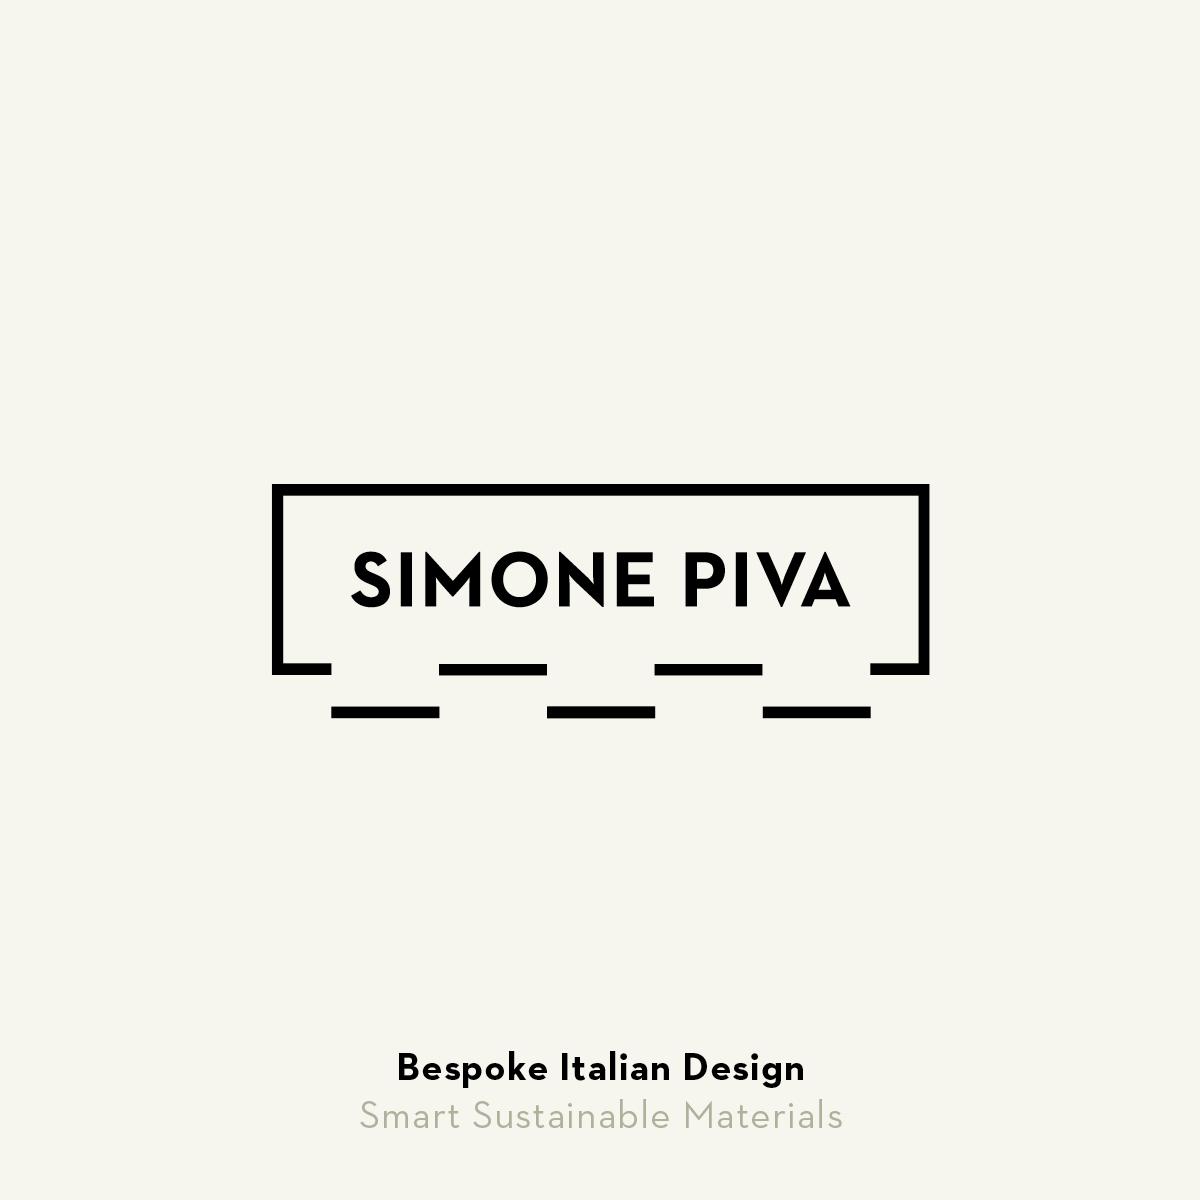 Simone-Piva-002